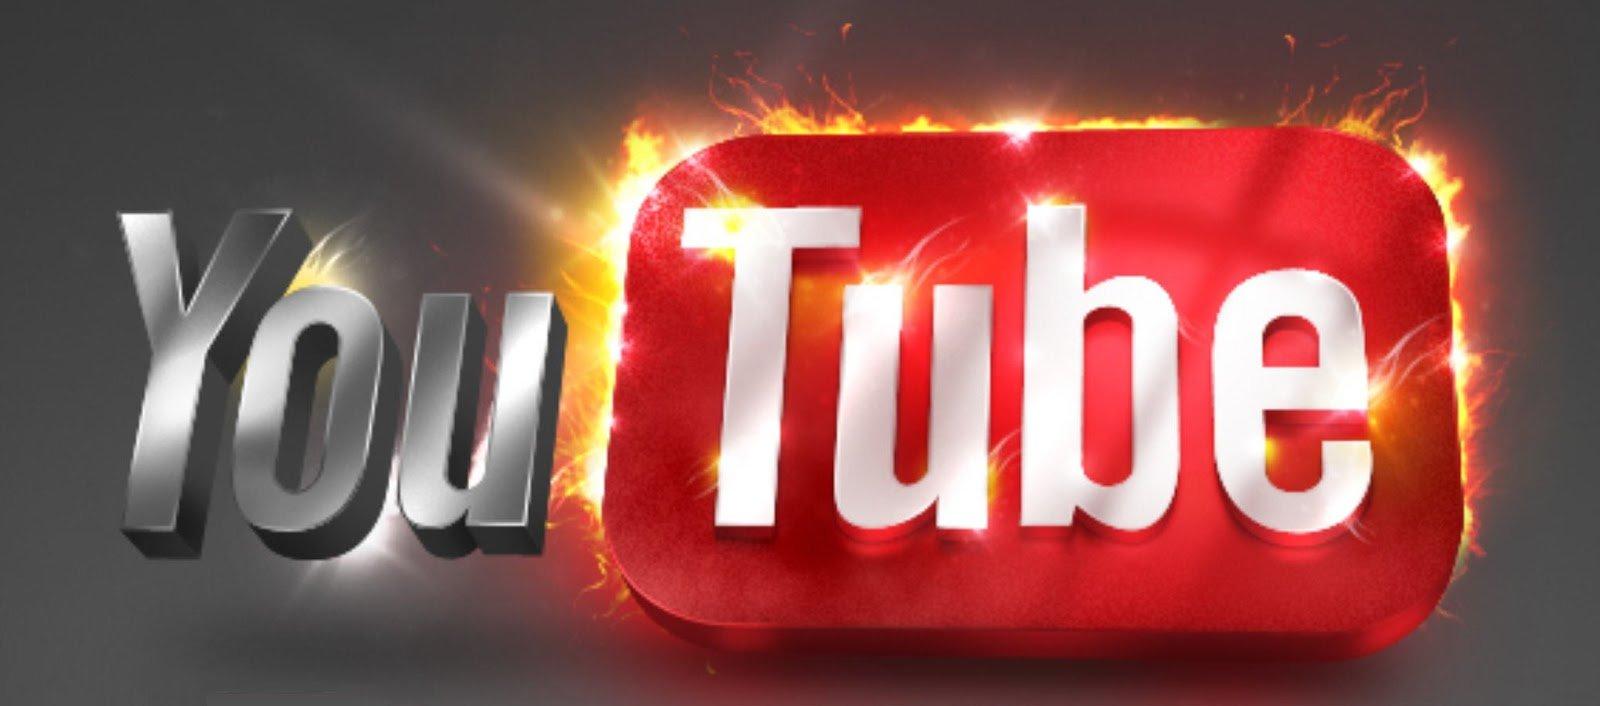 إطلاق نار قرب مقر يوتيوب في كاليفورنيا.. ومسلح طليق